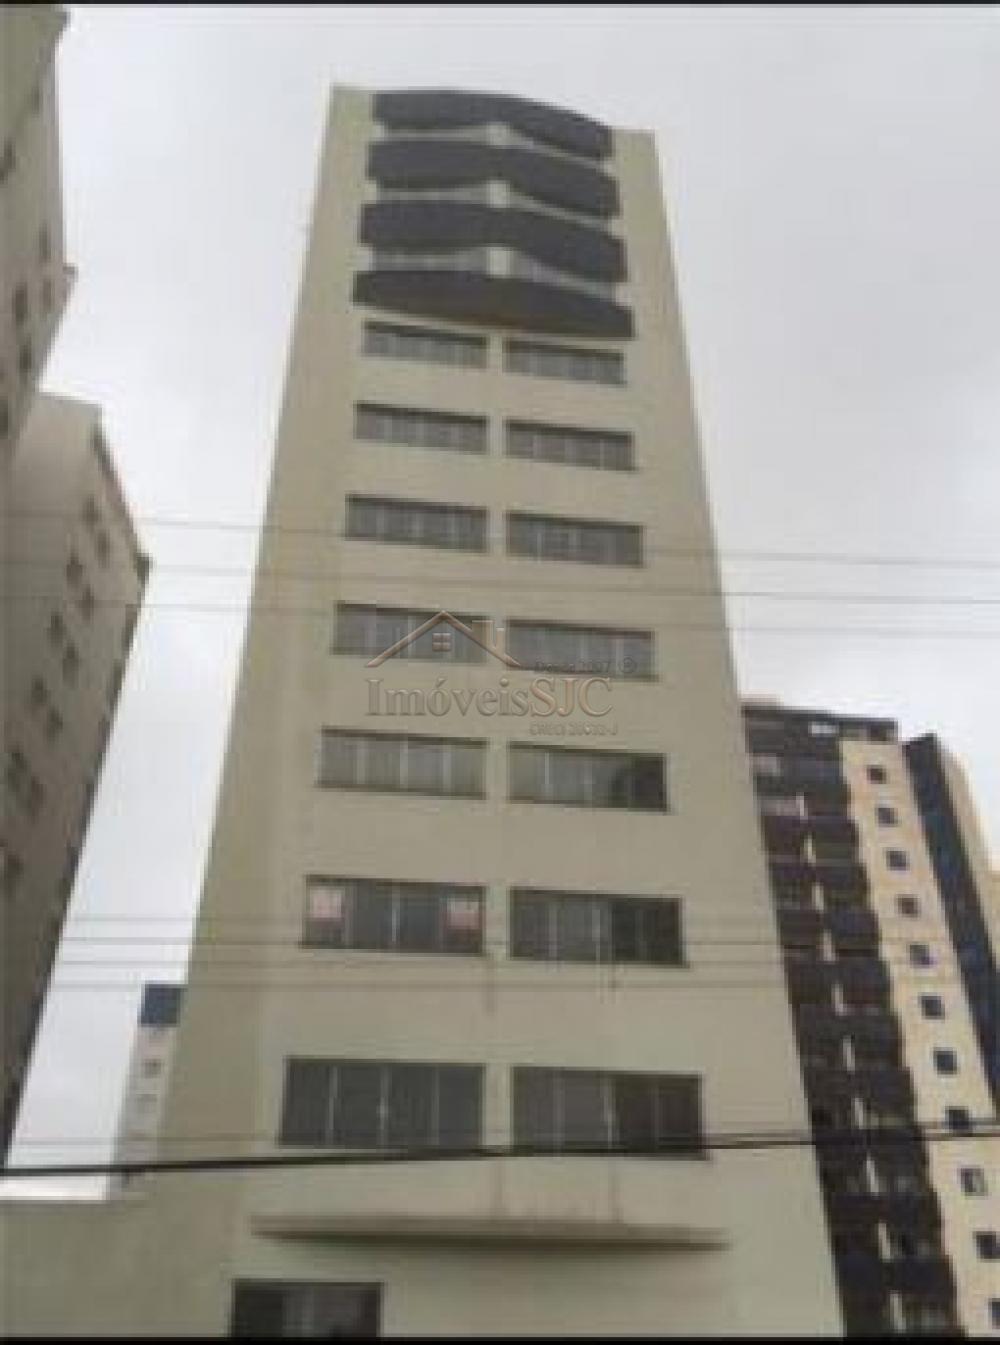 Comprar Comerciais / Sala em São José dos Campos apenas R$ 165.000,00 - Foto 1